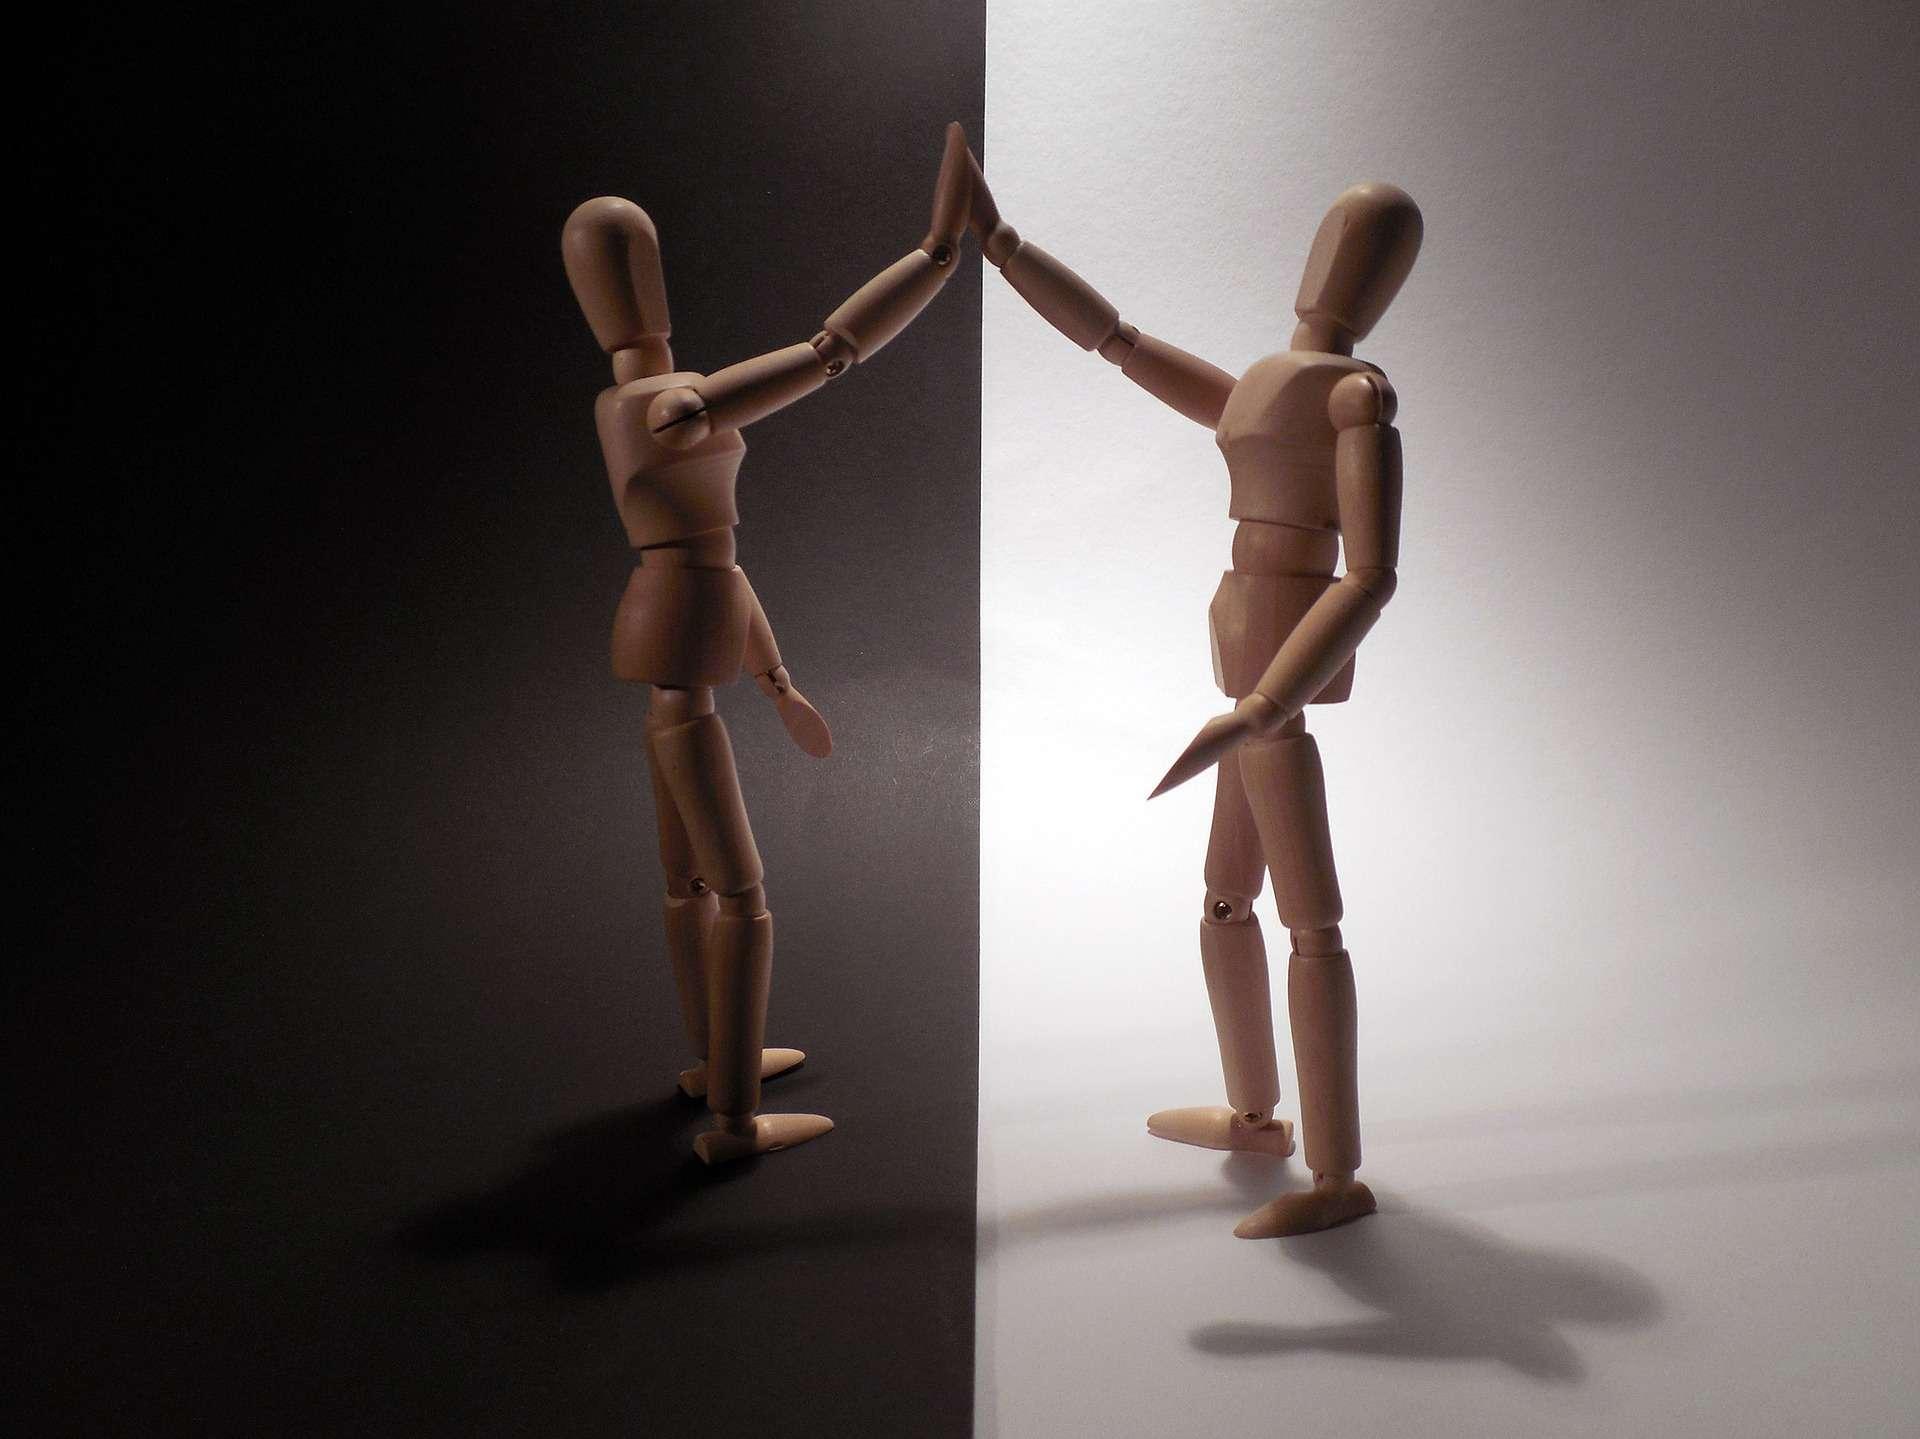 mirror-human-figures